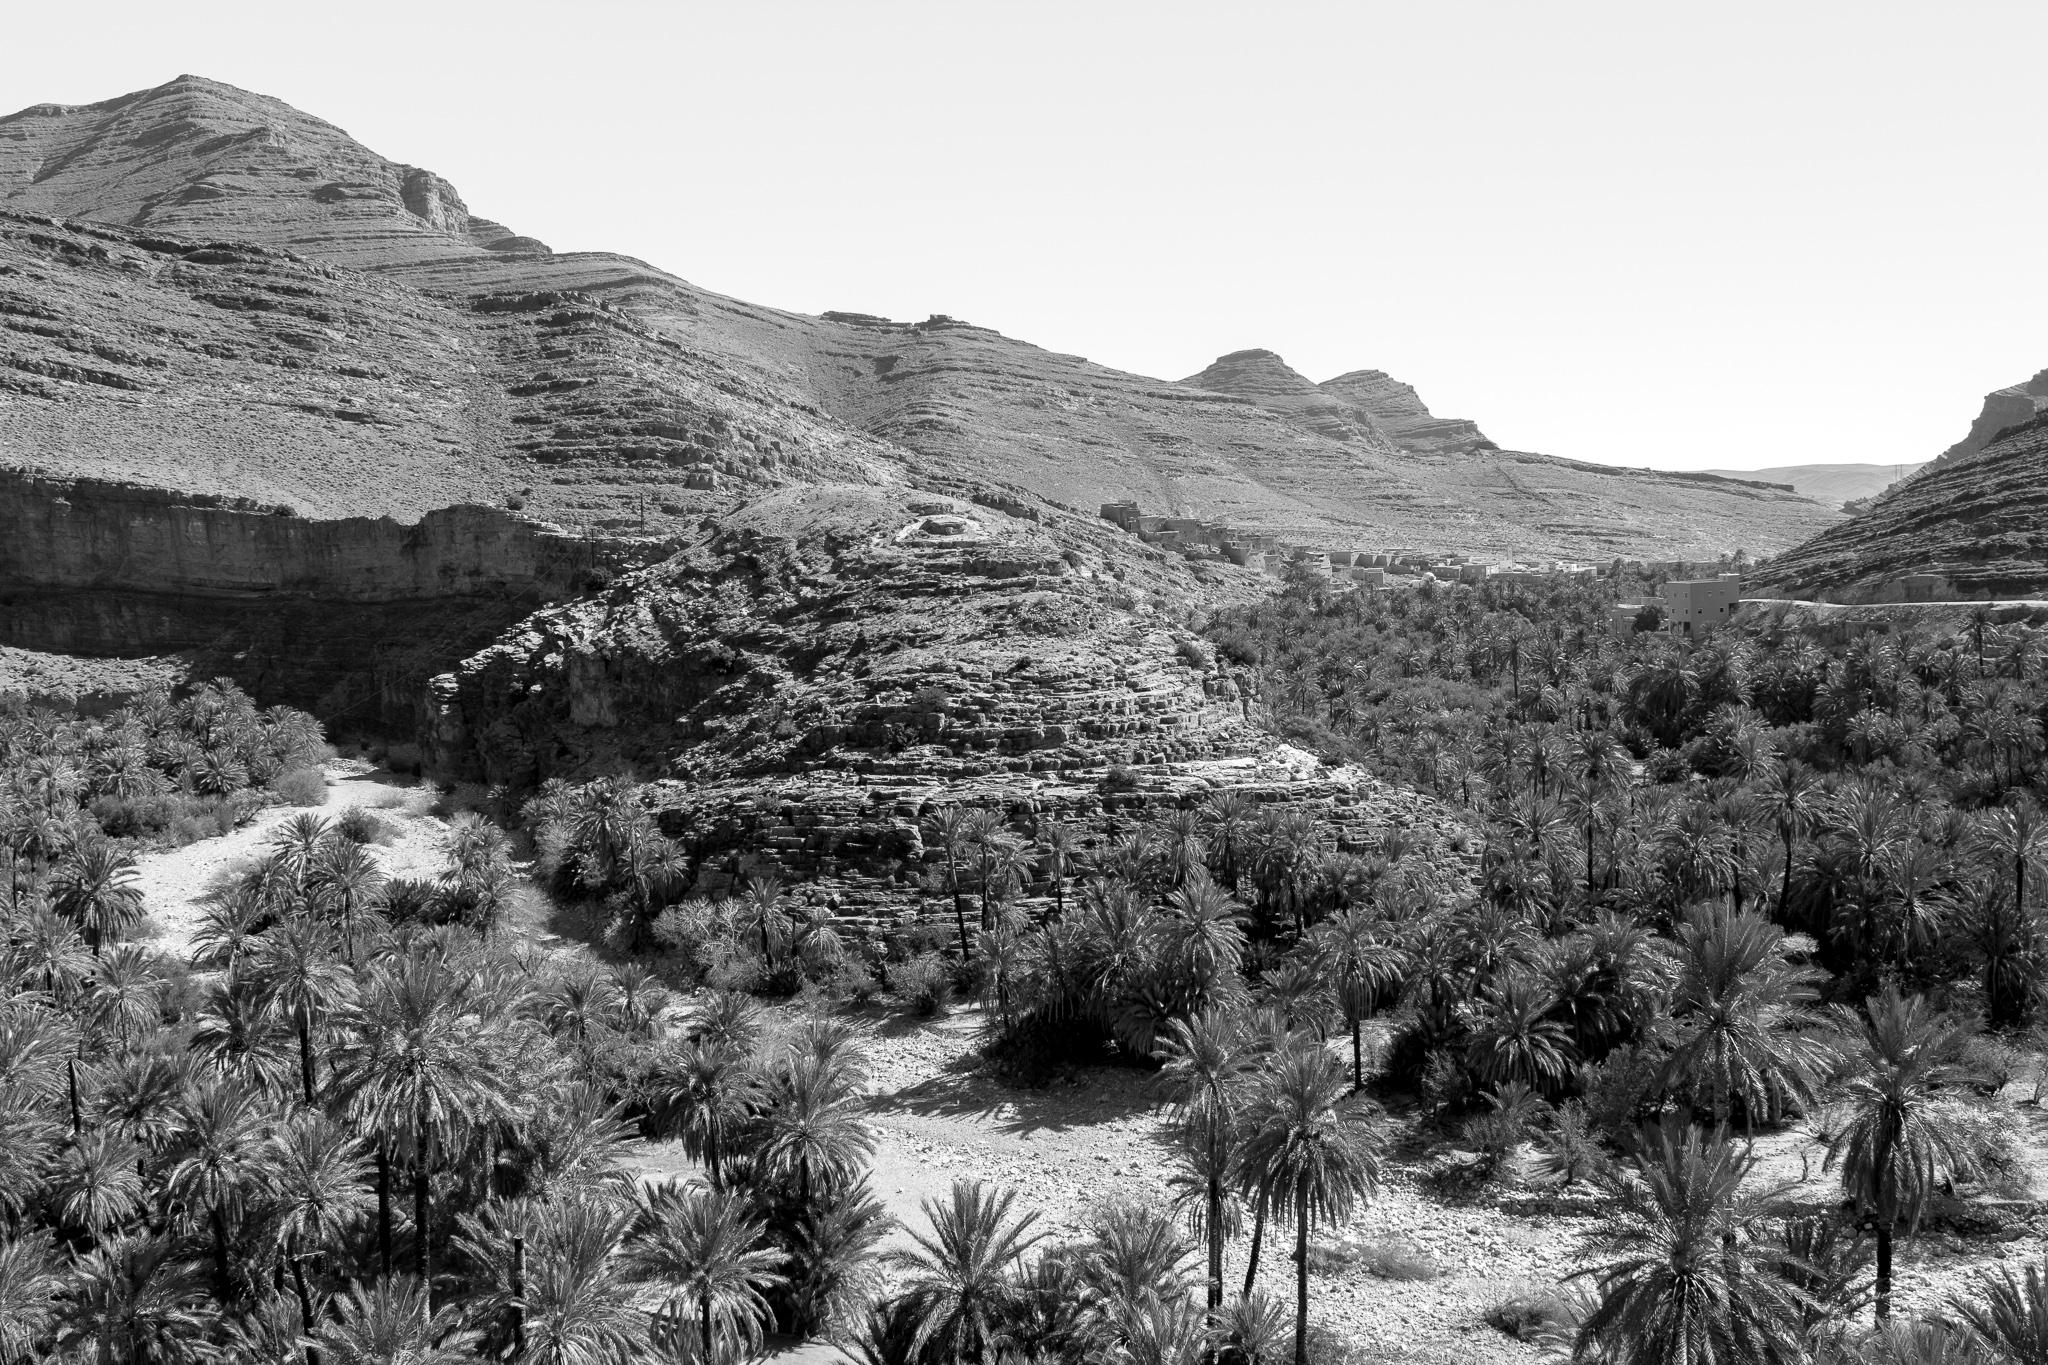 O val de Ait Mansour, situado ao sur de Tafraoute e en pleno Anti Atlas, impresiona polos incribles canóns que dominan os seus palmerais, unha insólita paisaxe de rocas de granito e acantilados avermellados.